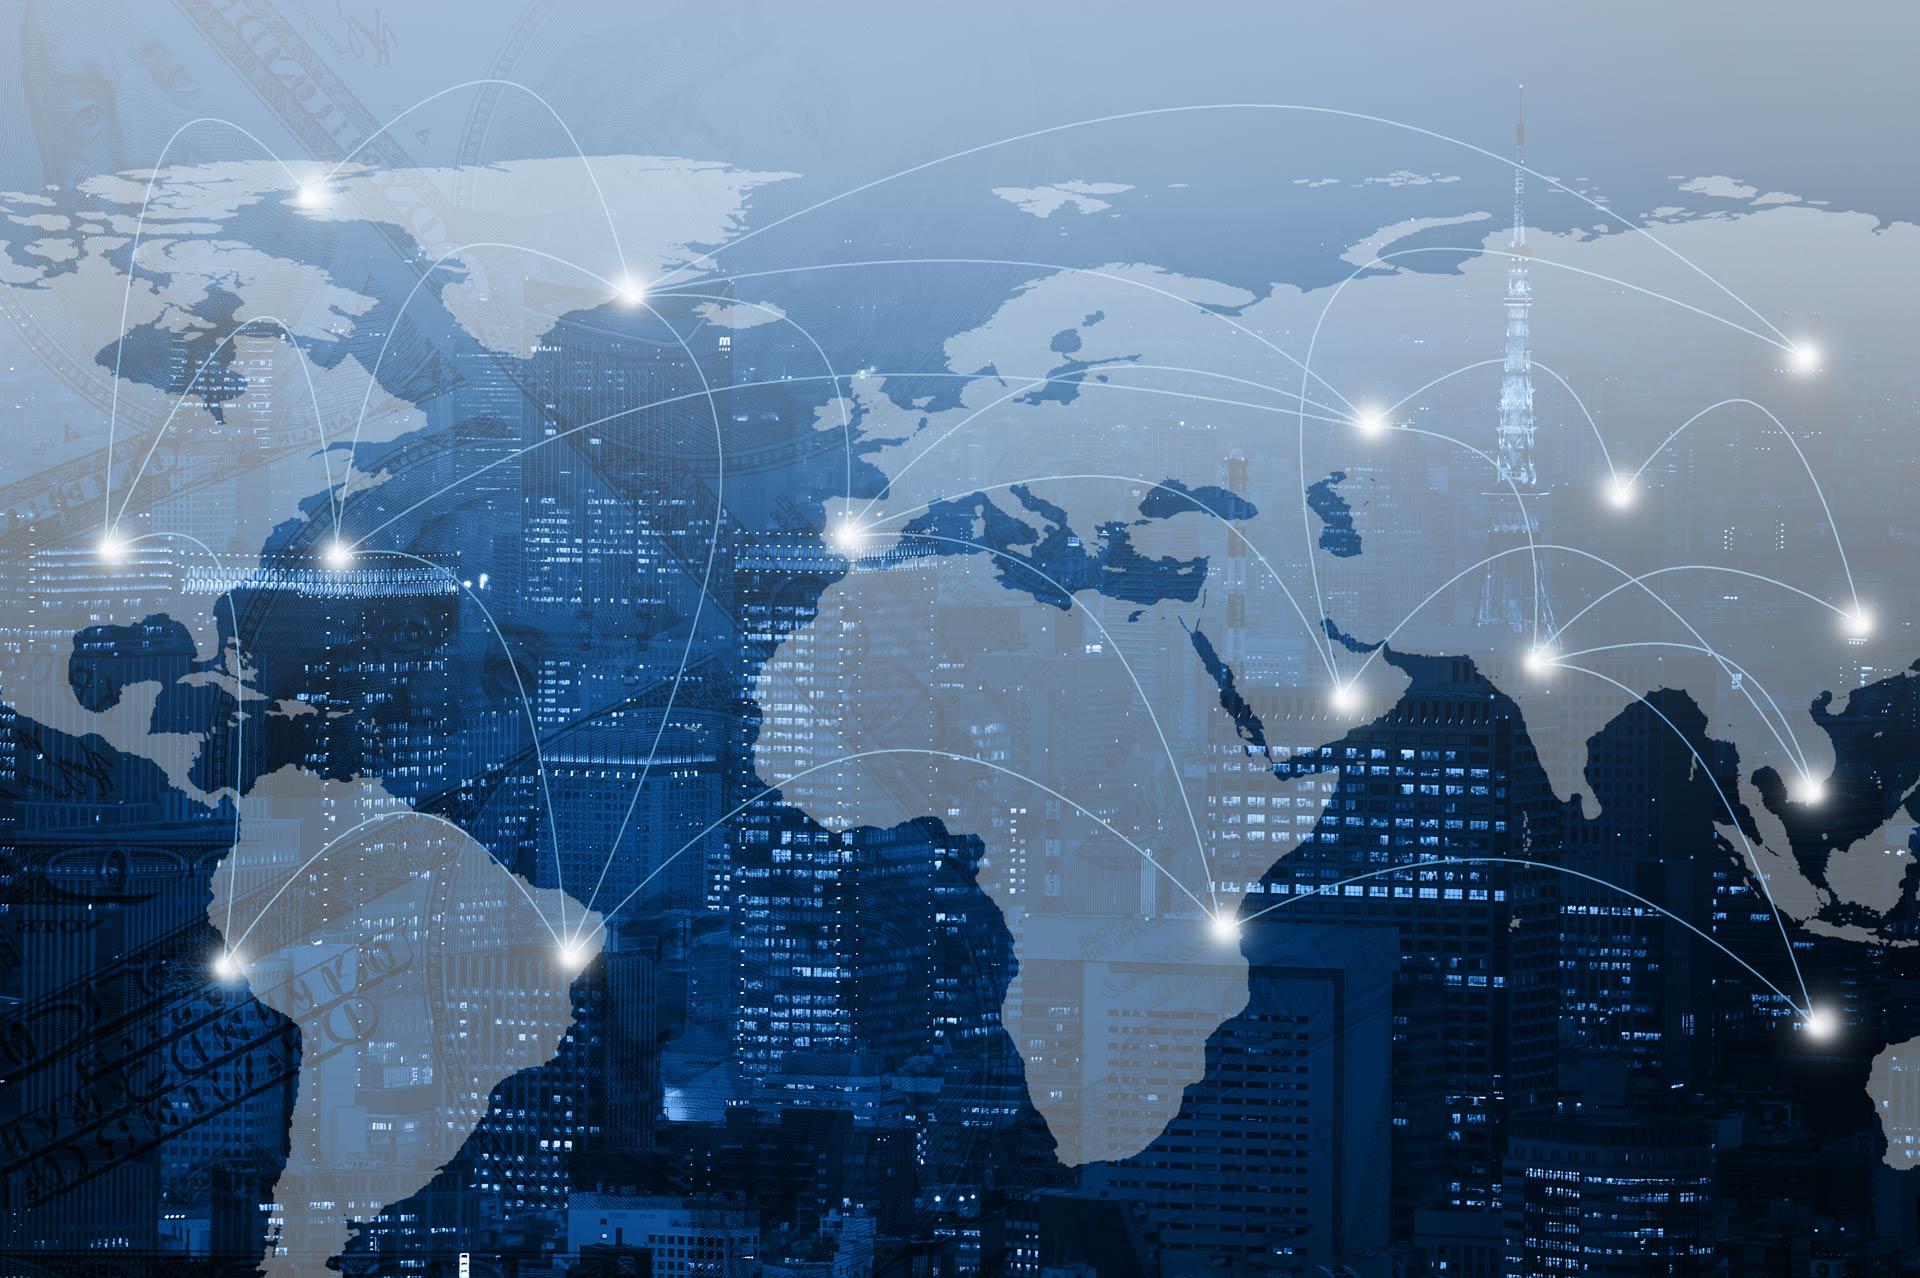 Dołącz do COVID Action Platform – inicjatywy Światowego Forum Ekonomicznego skupiającej biznesy z całego świata w walce z pandemią